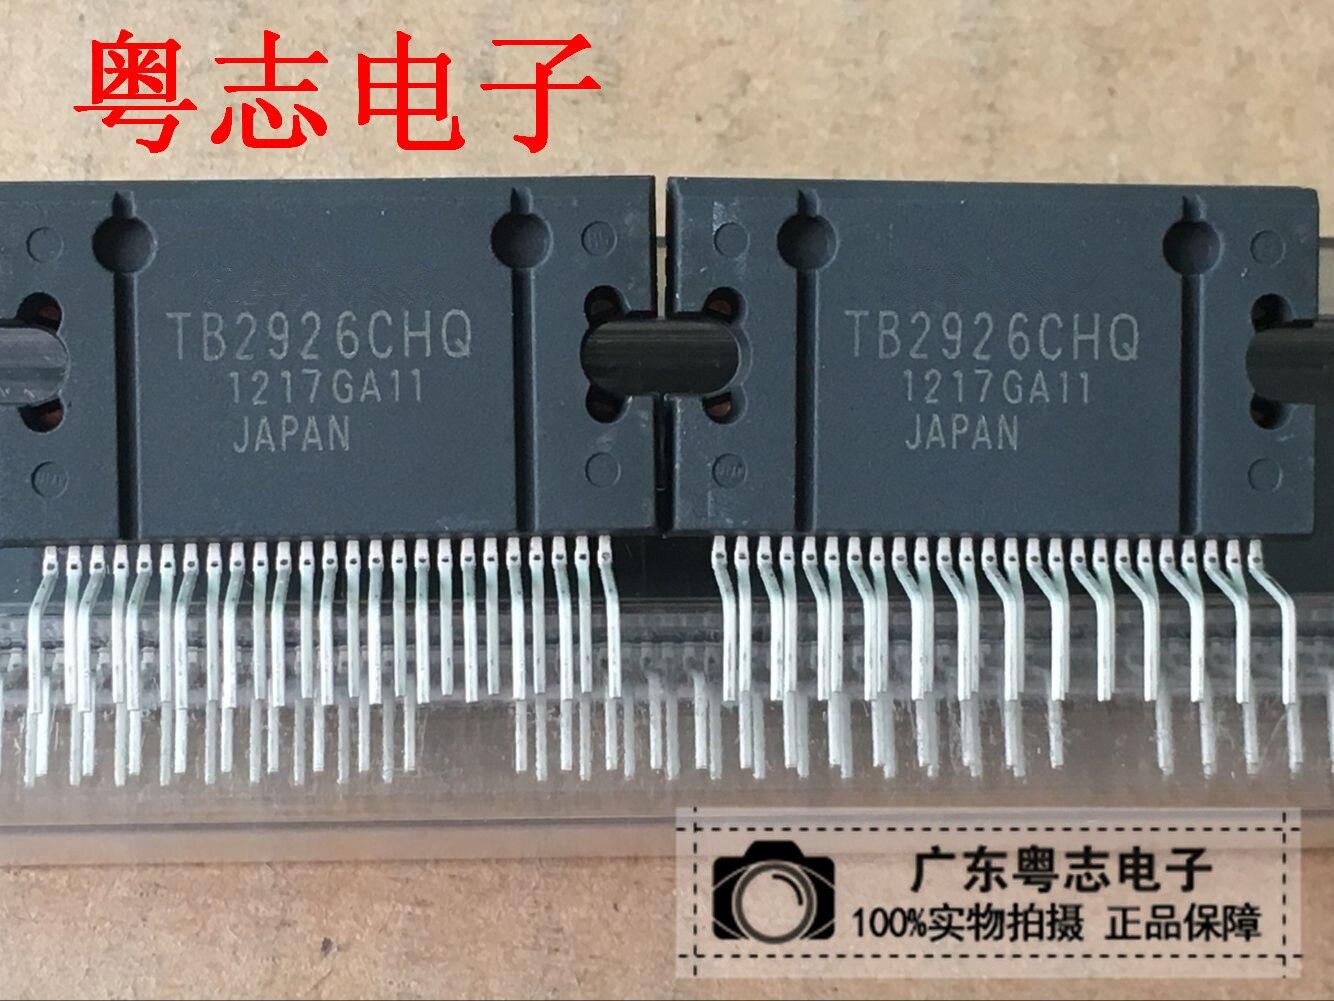 1pcs/lot TB2926CHQ  ZIP-25 In Stock